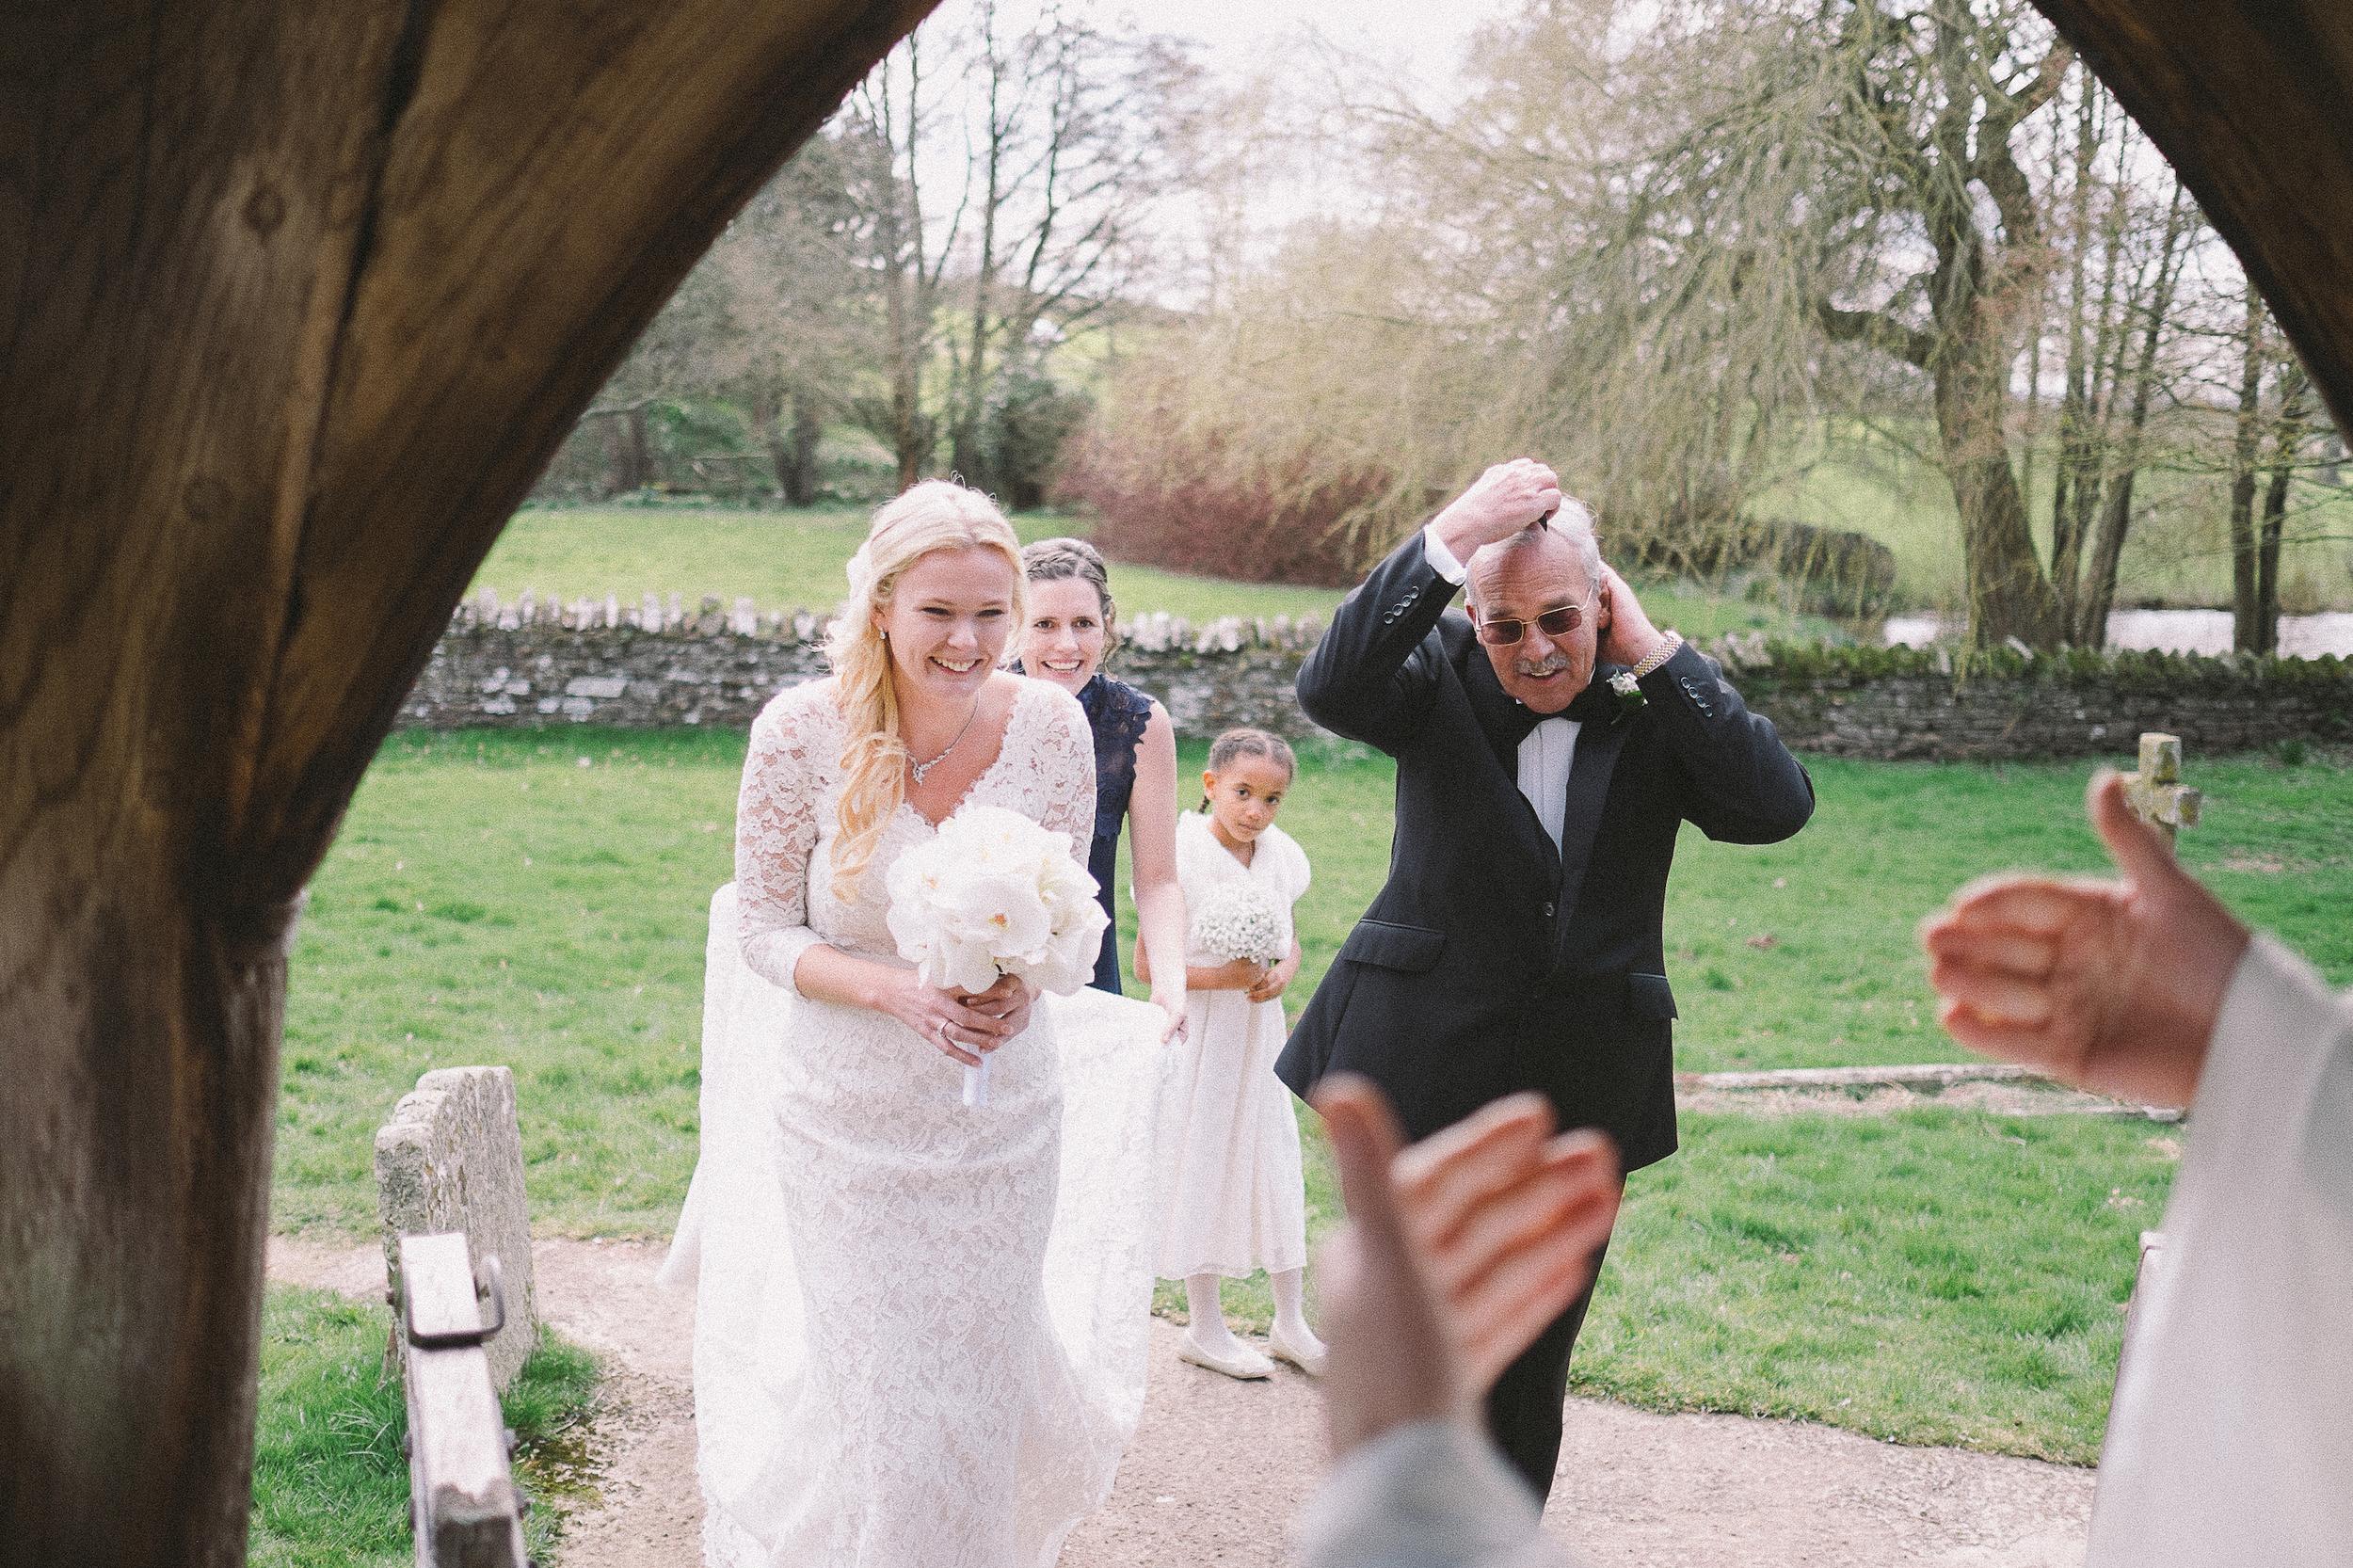 scott_nicole_wedding-103.jpg